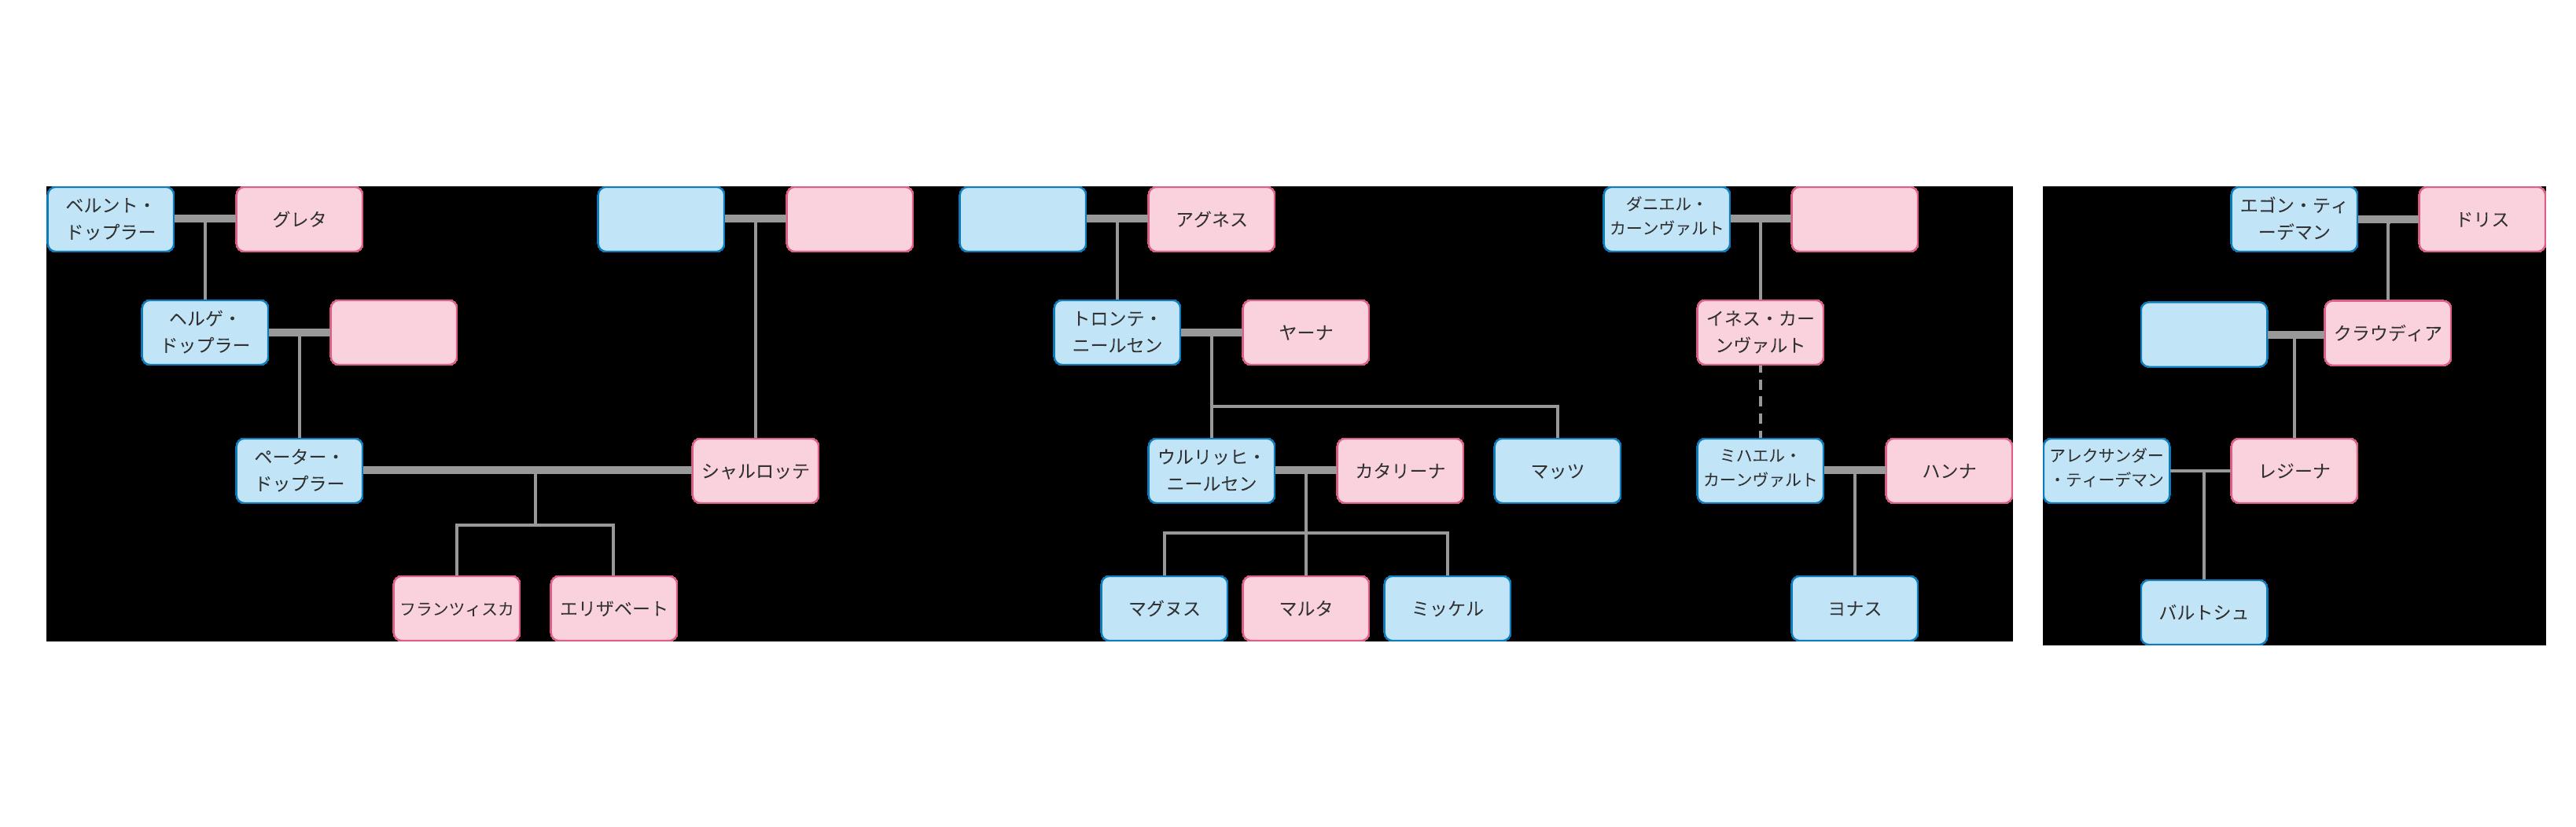 ダーク家系図(シーズン1)